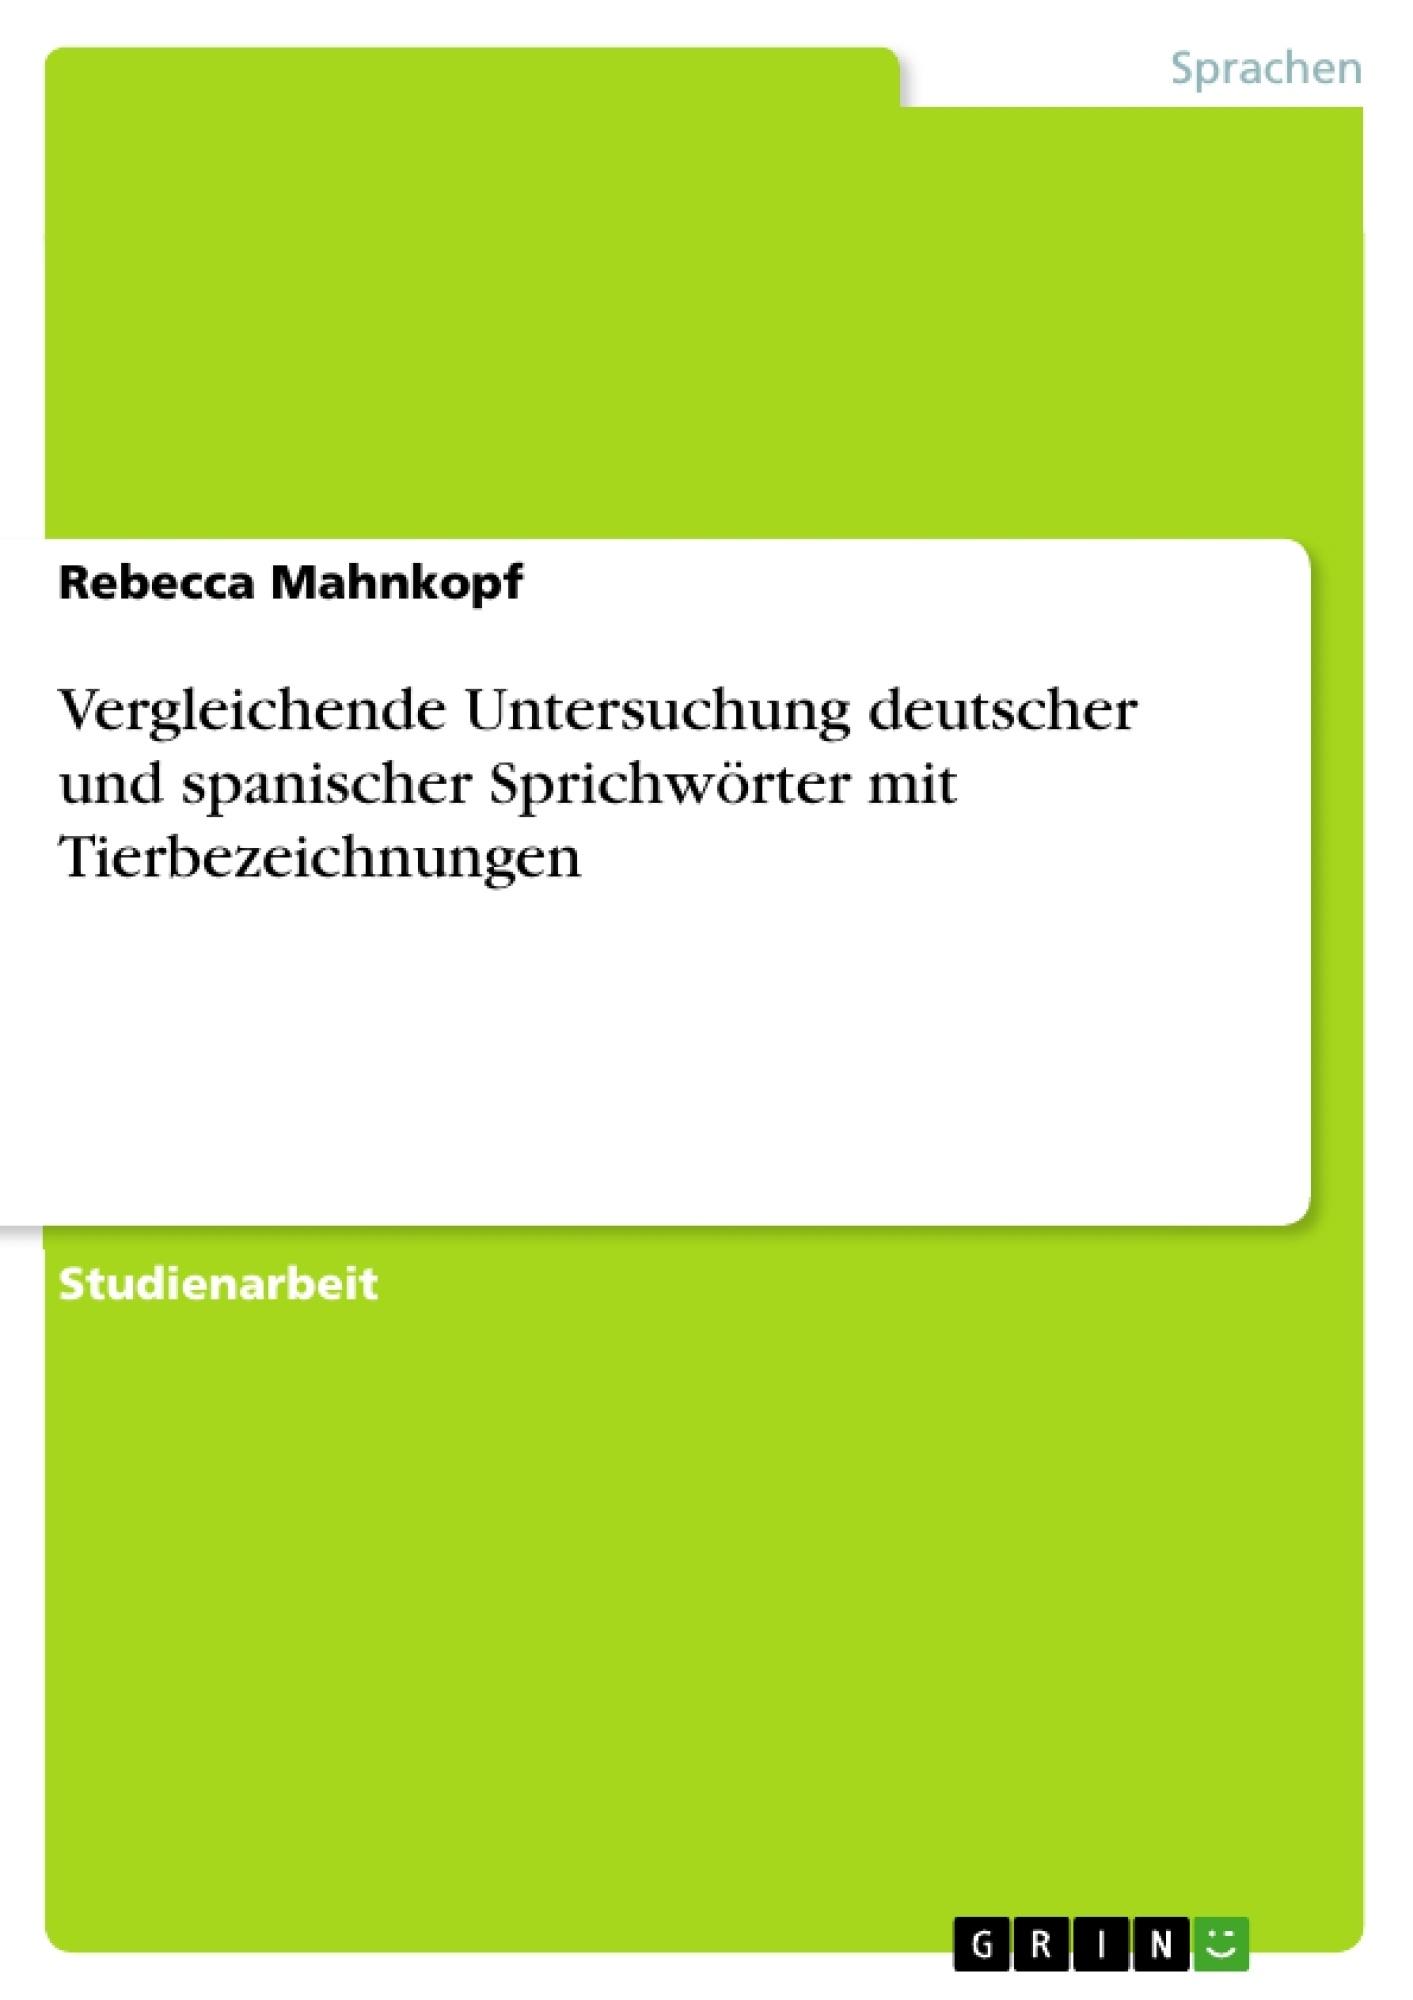 Titel: Vergleichende Untersuchung deutscher und spanischer Sprichwörter mit Tierbezeichnungen